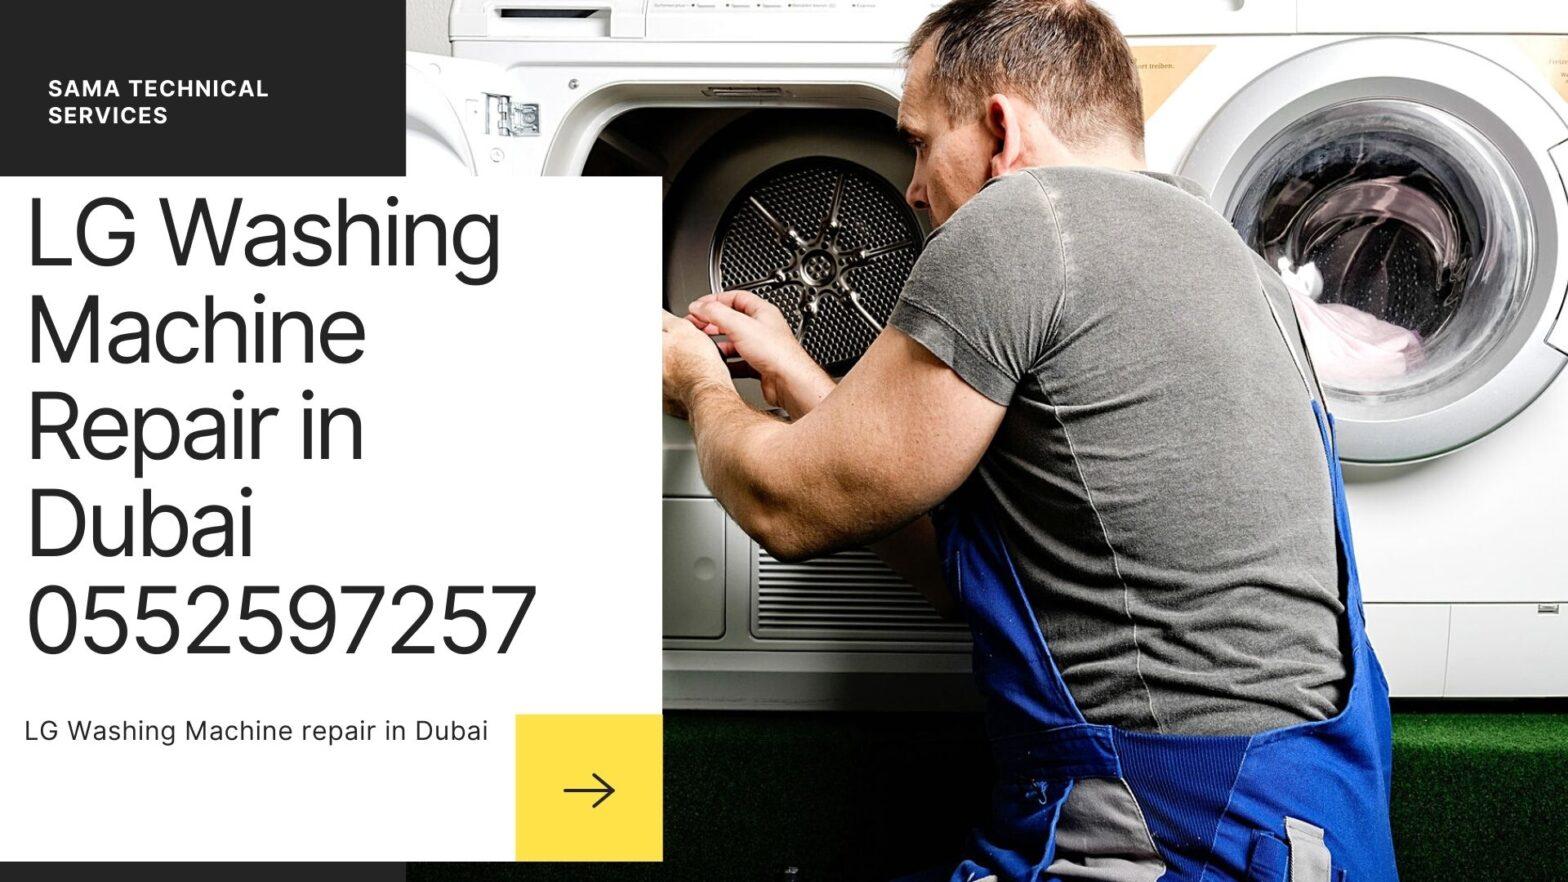 LG Washing machine repair in Dubai